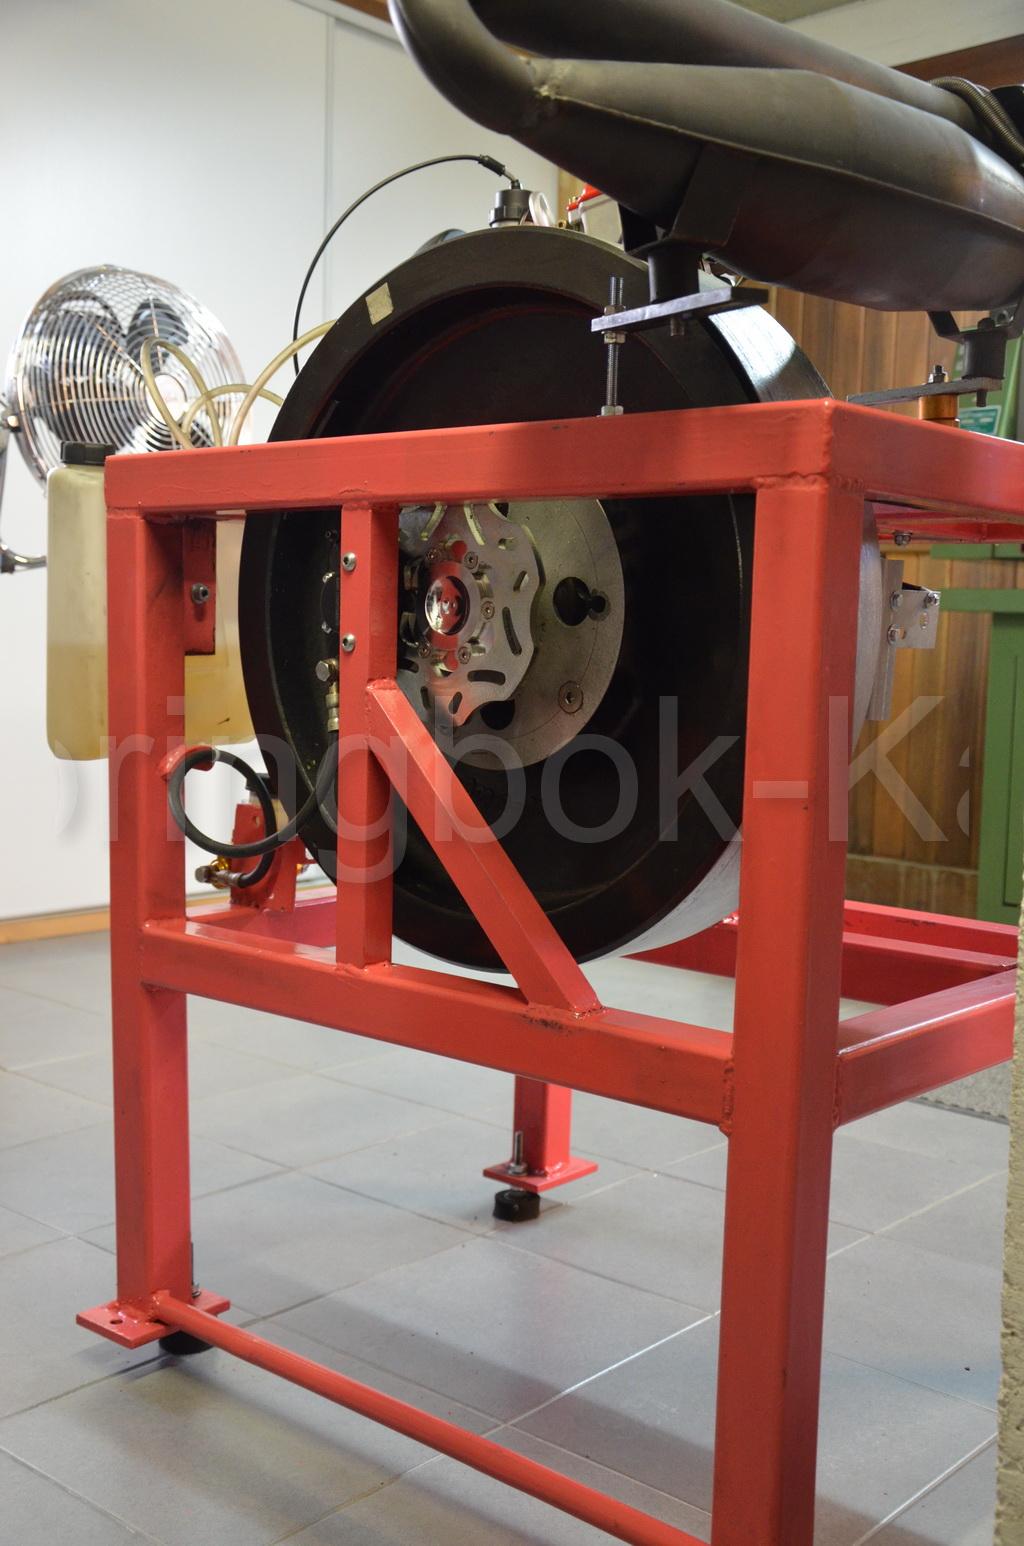 construire un banc de puissance pour moteur thermique partie1 springbok kart. Black Bedroom Furniture Sets. Home Design Ideas